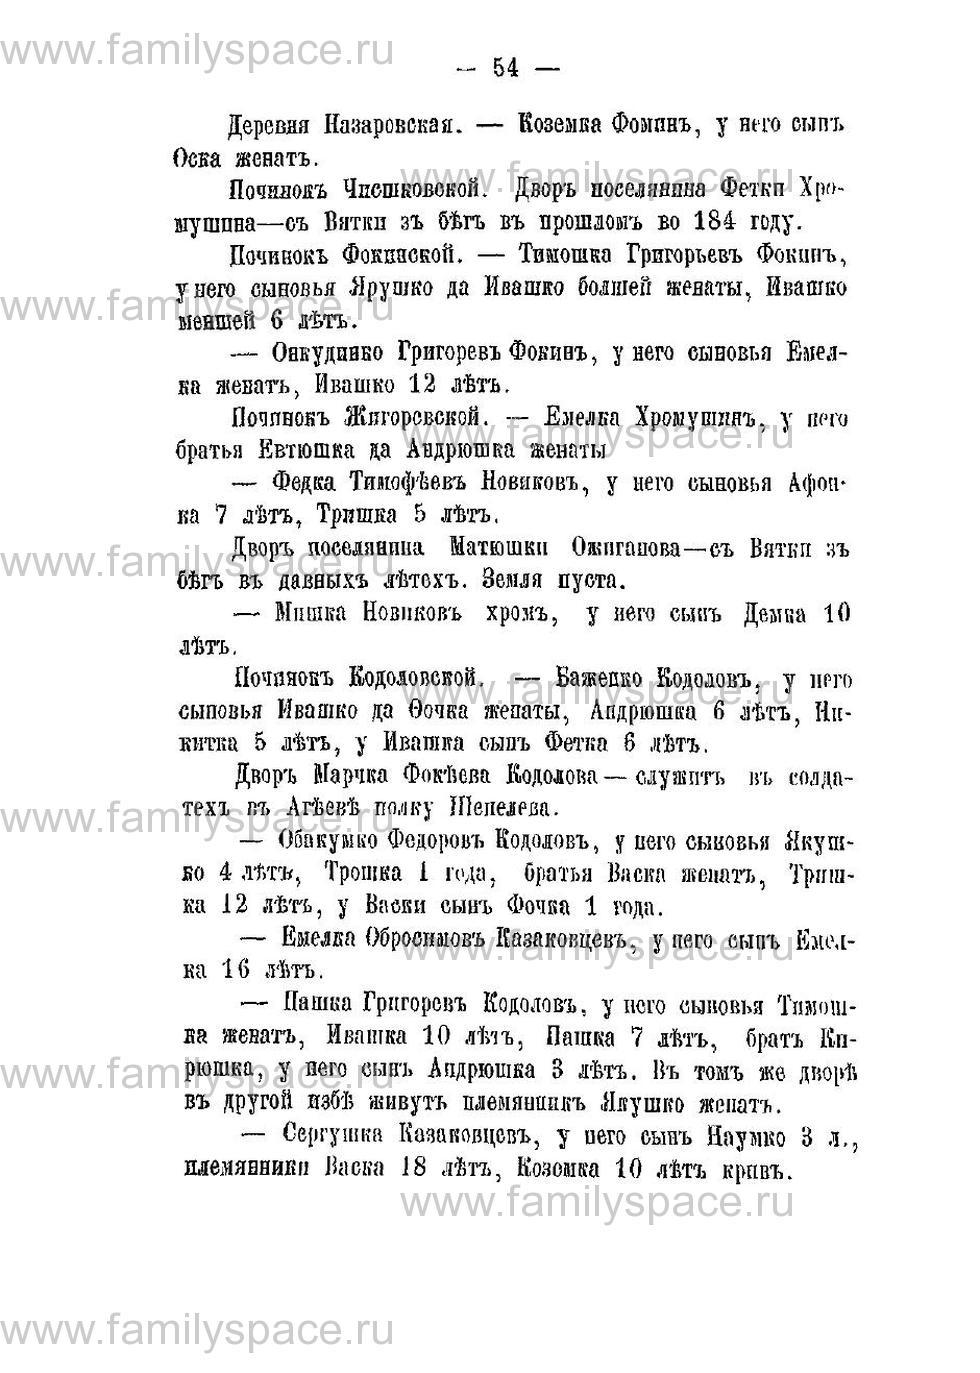 Поиск по фамилии - Переписная книга Орлова и волостей 1678 г, страница 50